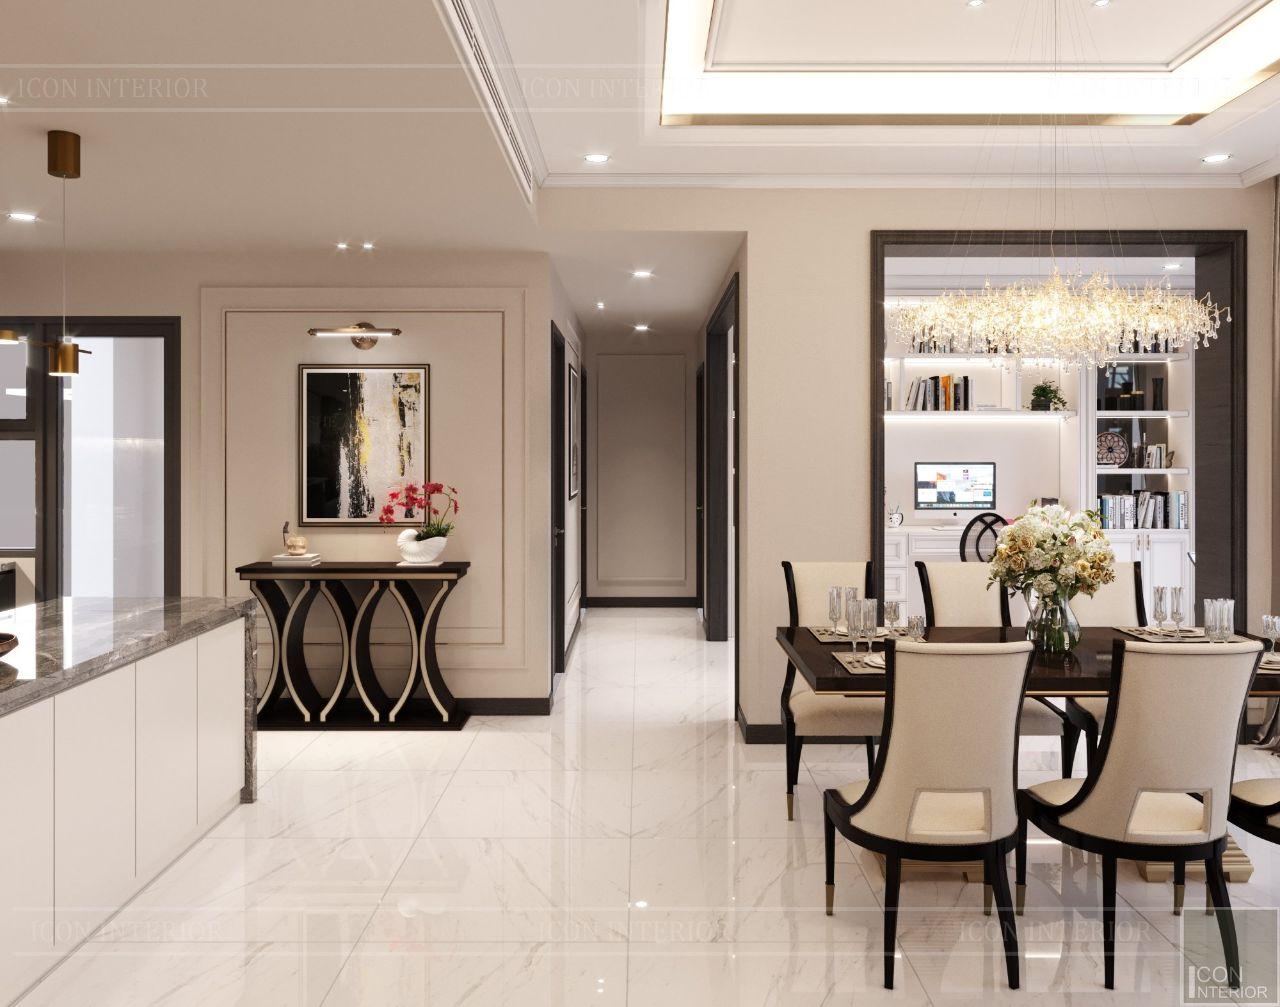 thiết kế nội thất căn hộ empire city 100m2